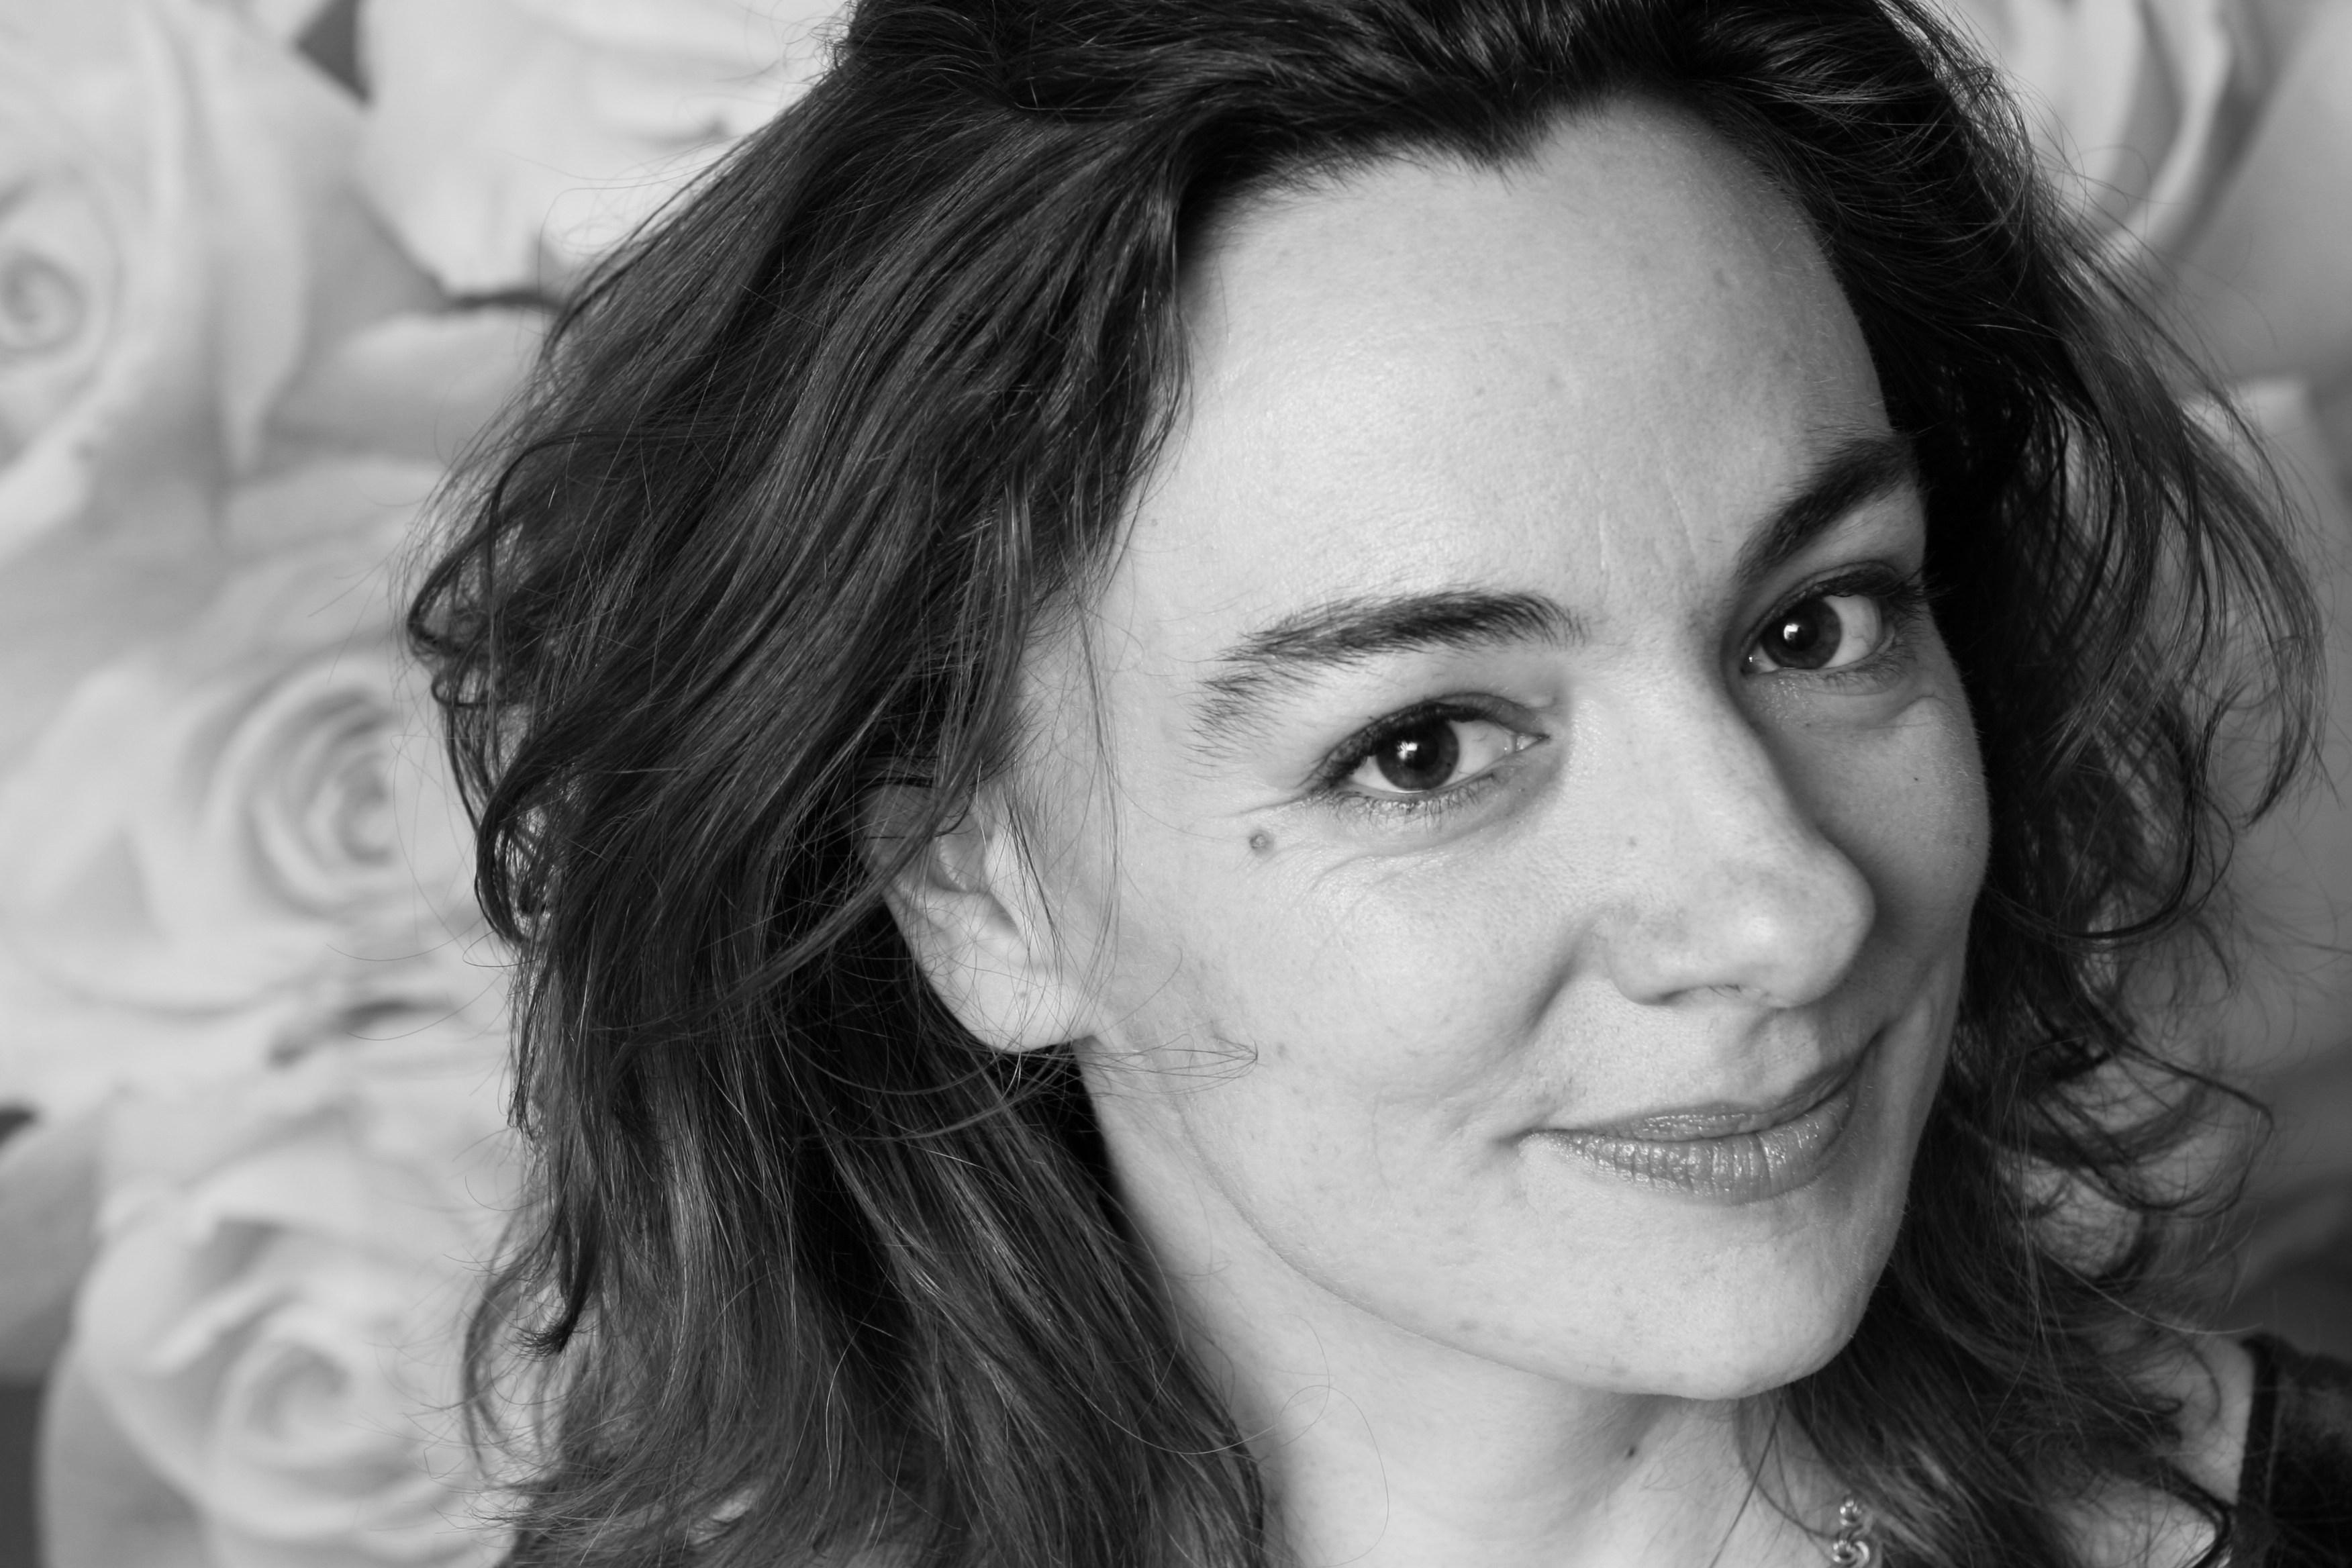 Portrait Marina Lahann. Marina Lahann. <b>Gabriele Ogrissek</b> - Portrait_Marina_Lahann